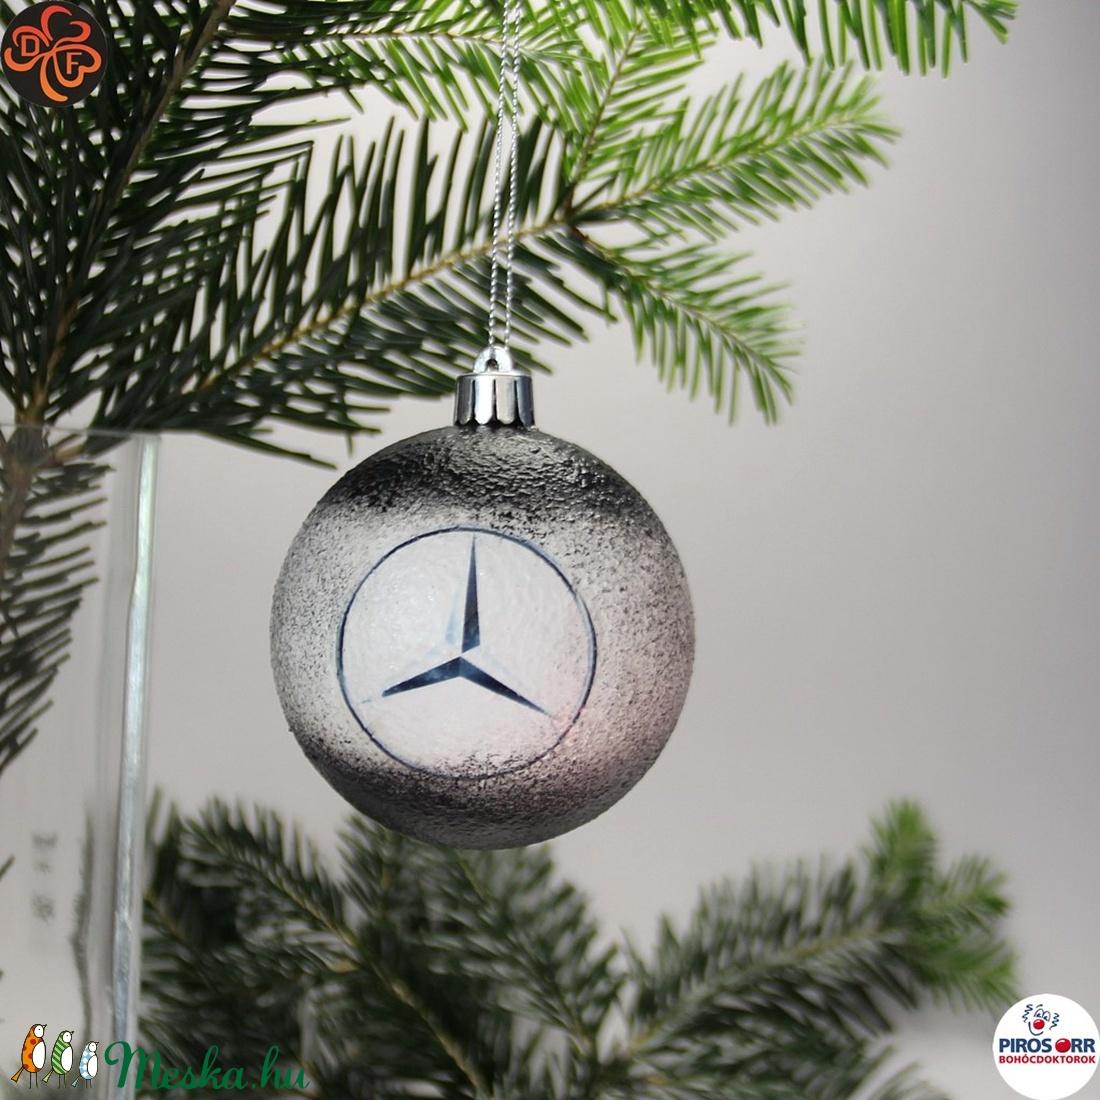 Karácsonyfadísz Mercedes; Ajándék férj, barát, nagyapa, Mercedes szurkoló részére (decorfantasy) - Meska.hu